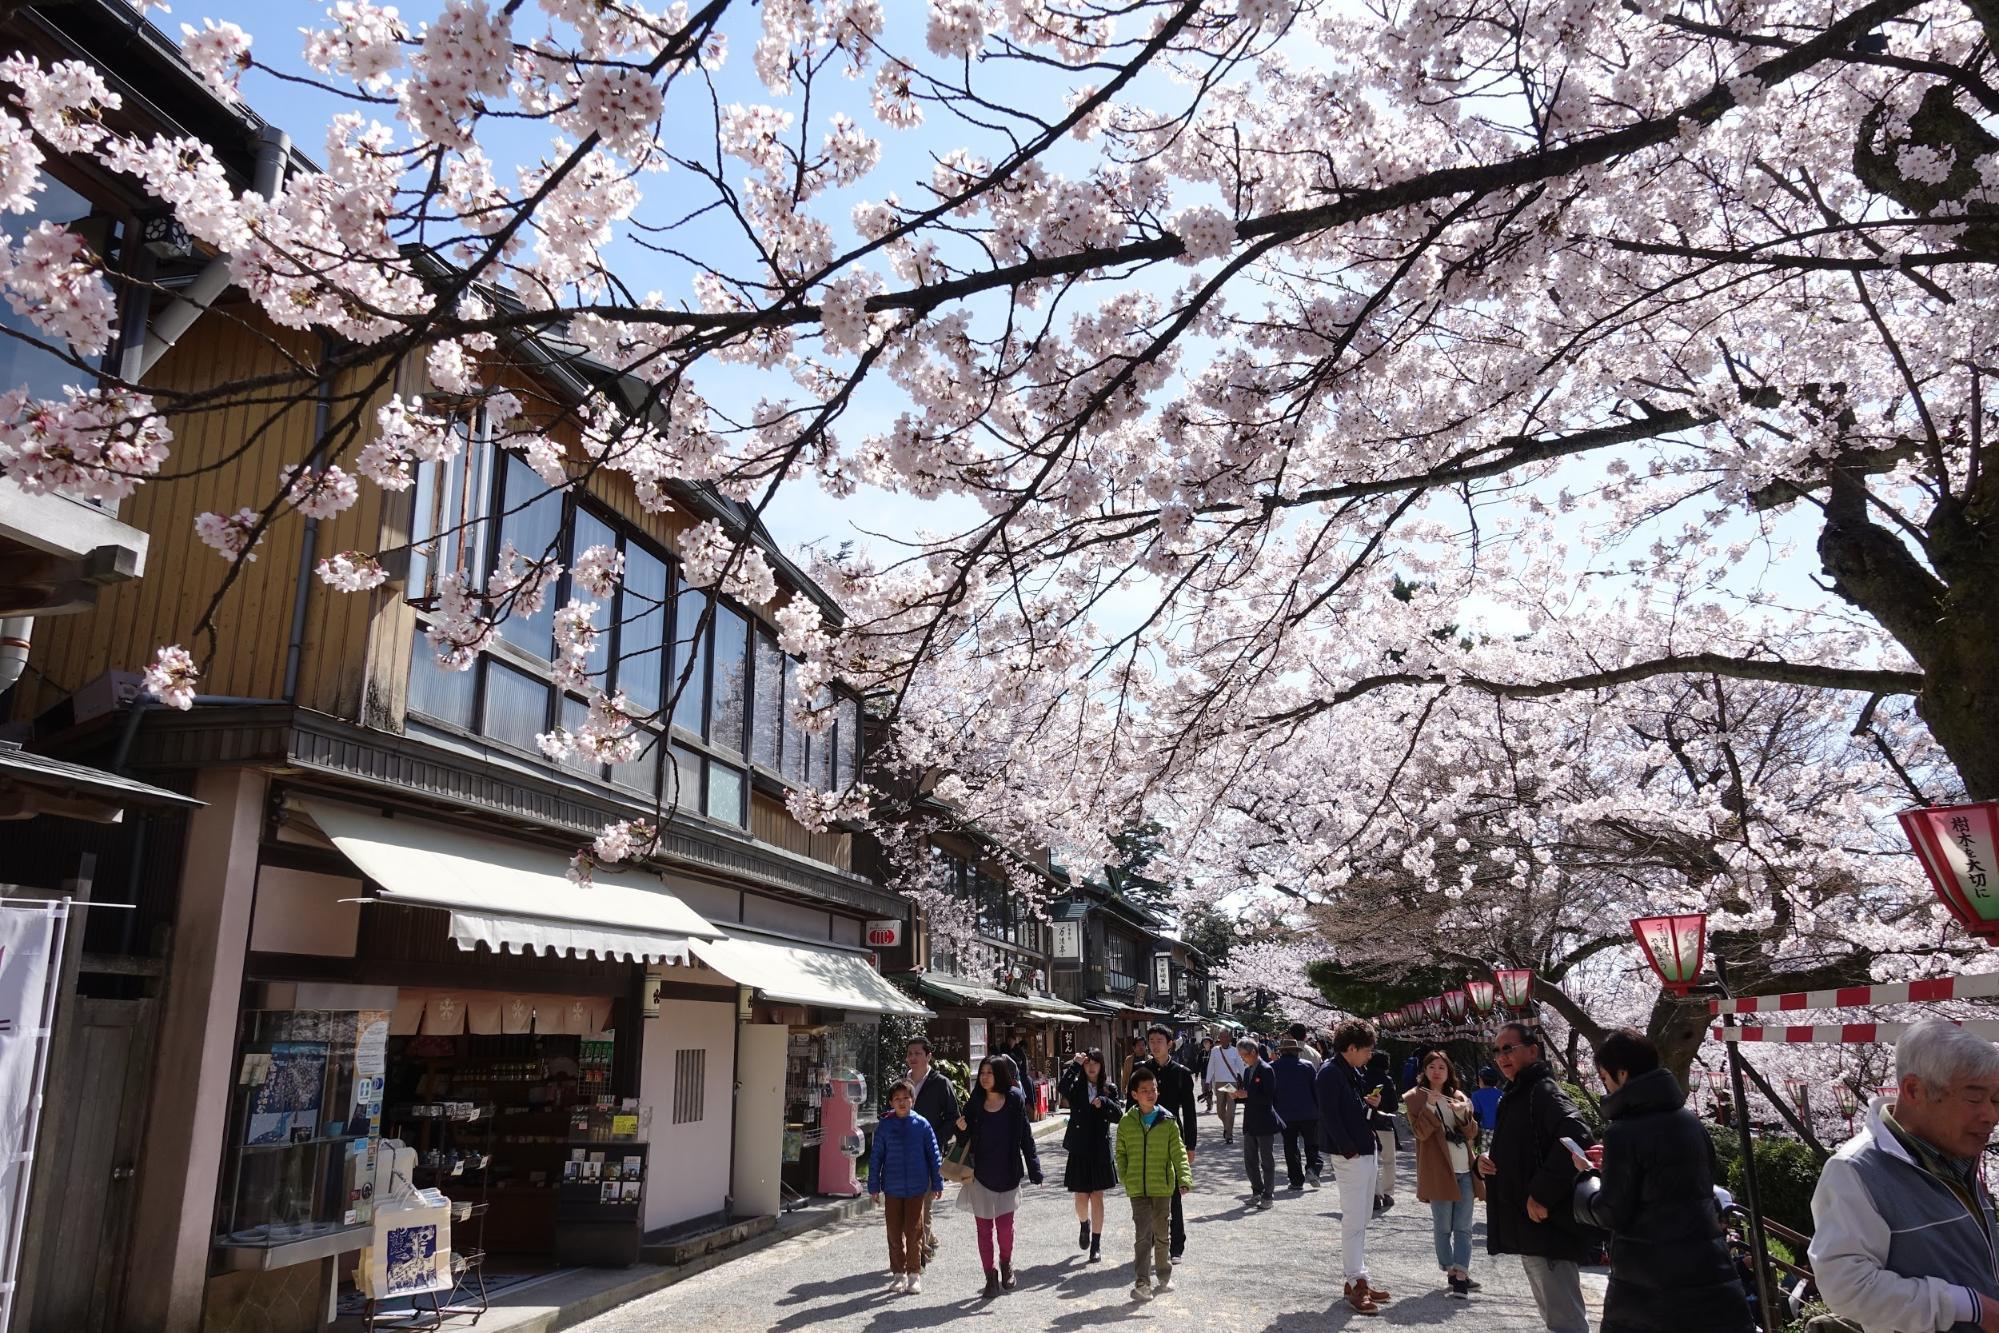 Giappocrociera Tour Giappone + MSC Crociera 7 Notti Partenza 14 Settembre Cabina Interna cat. Bella